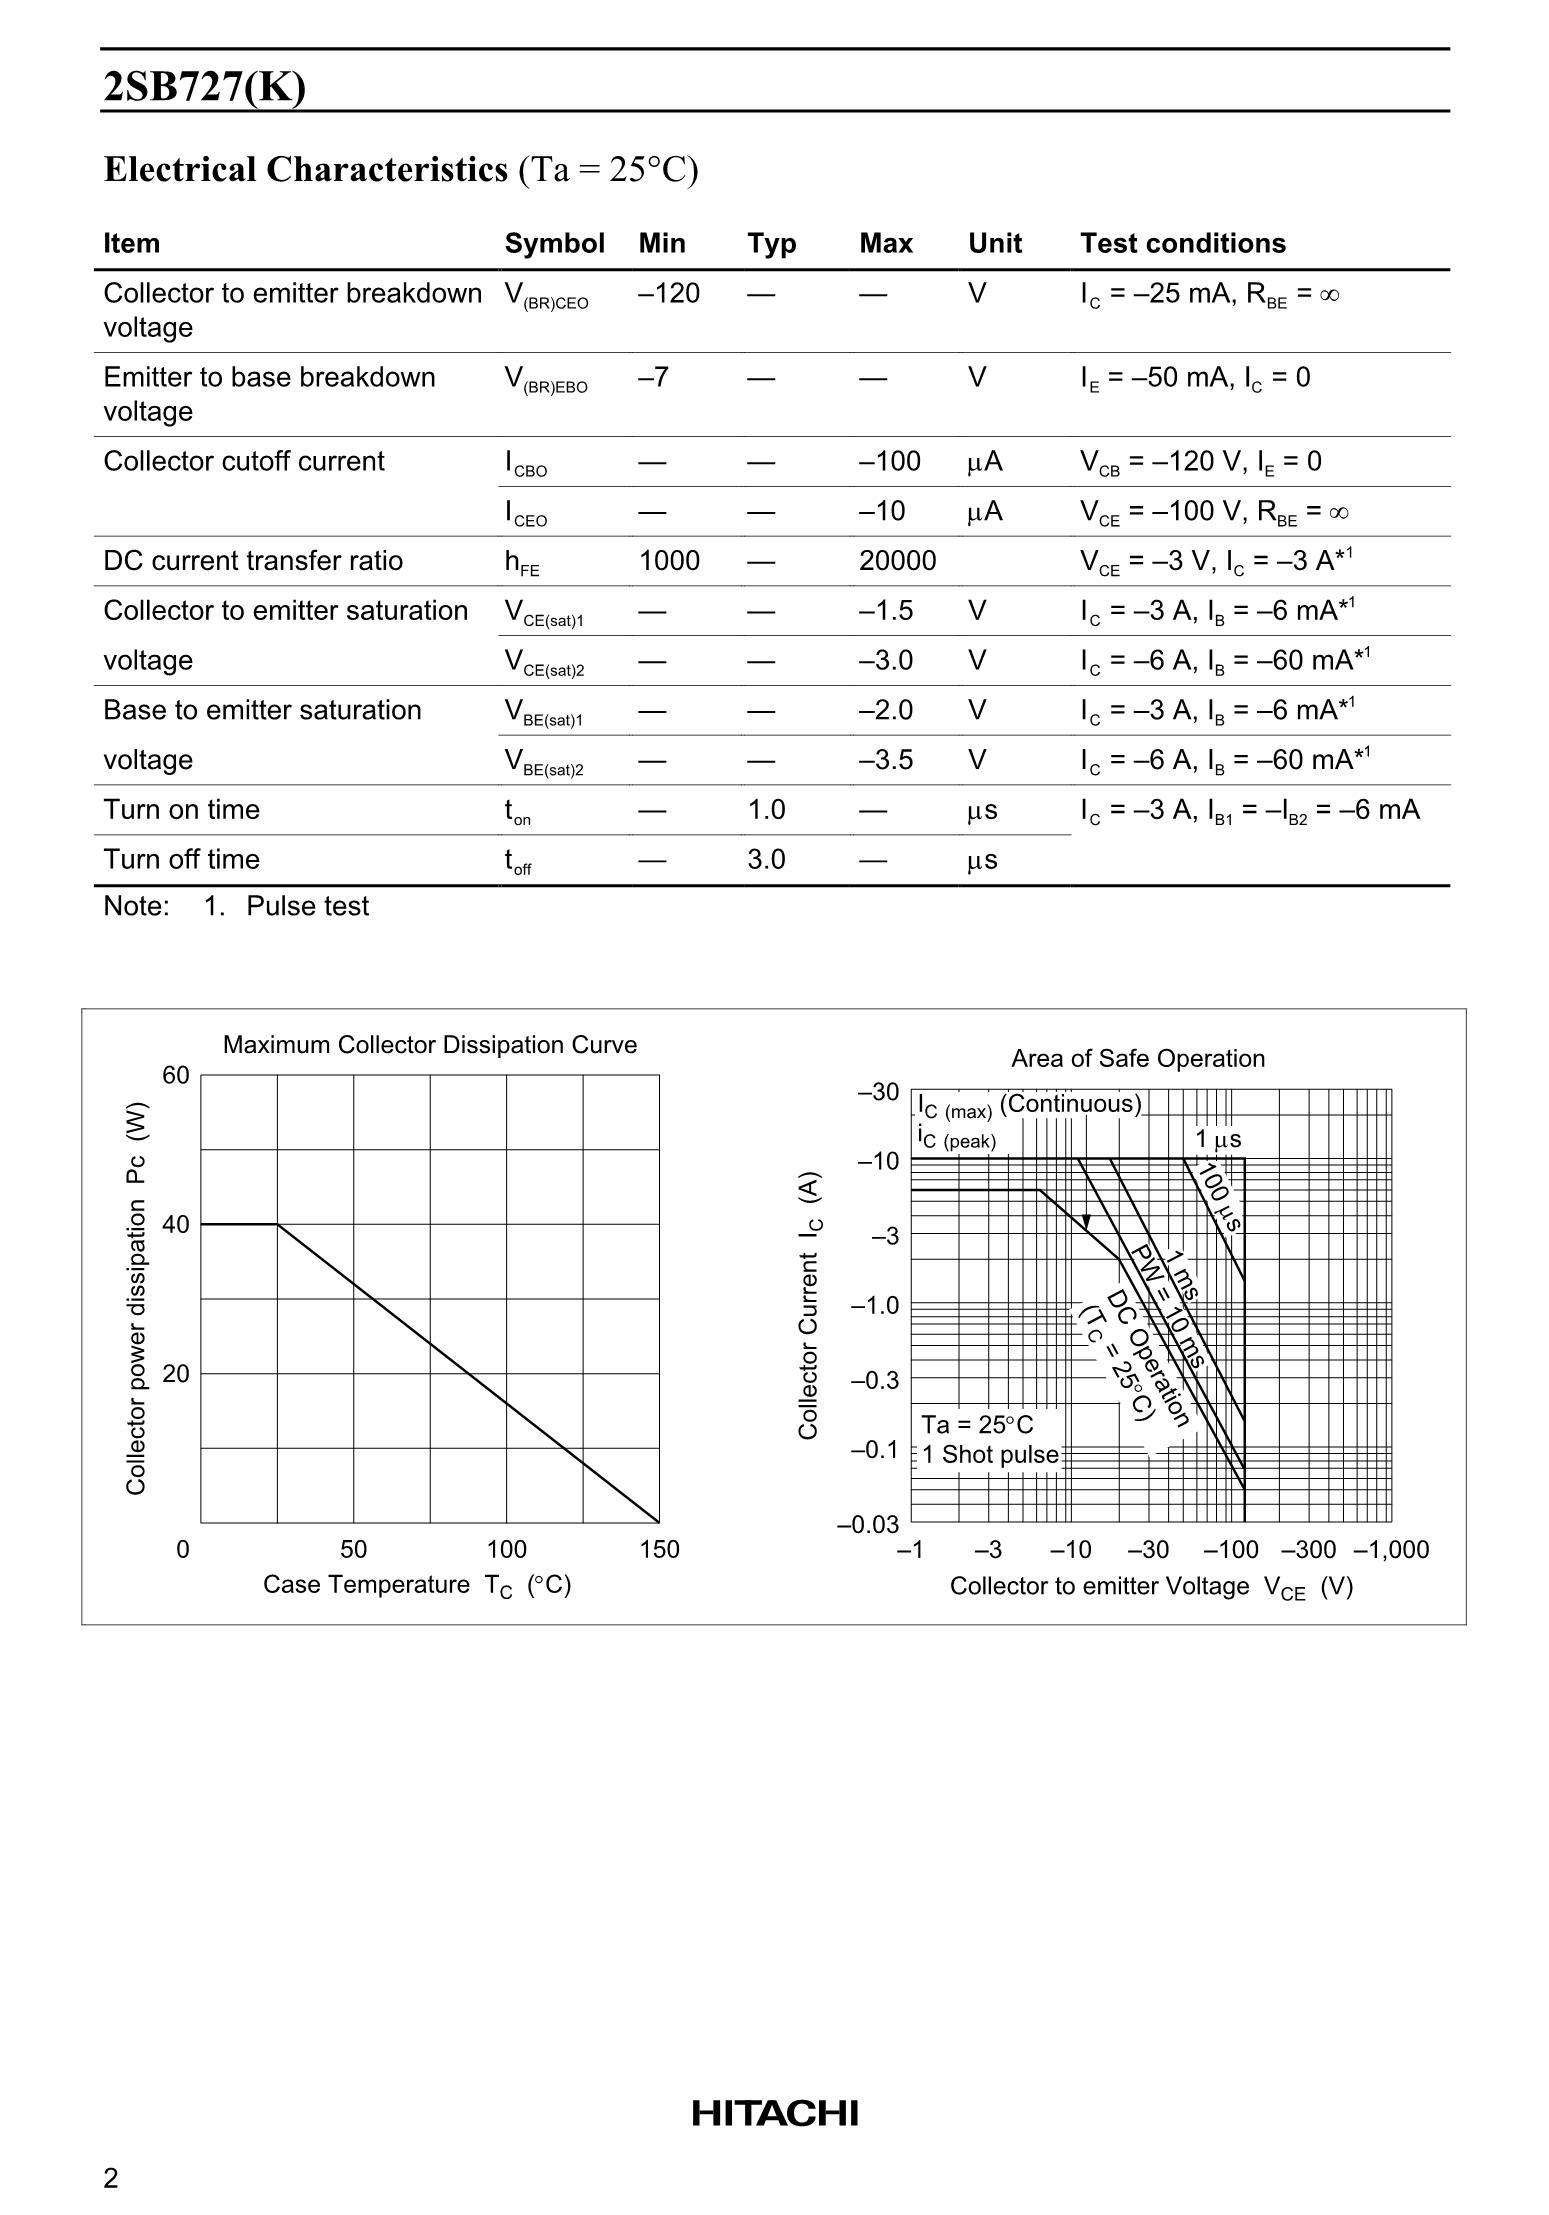 2SB779's pdf picture 2